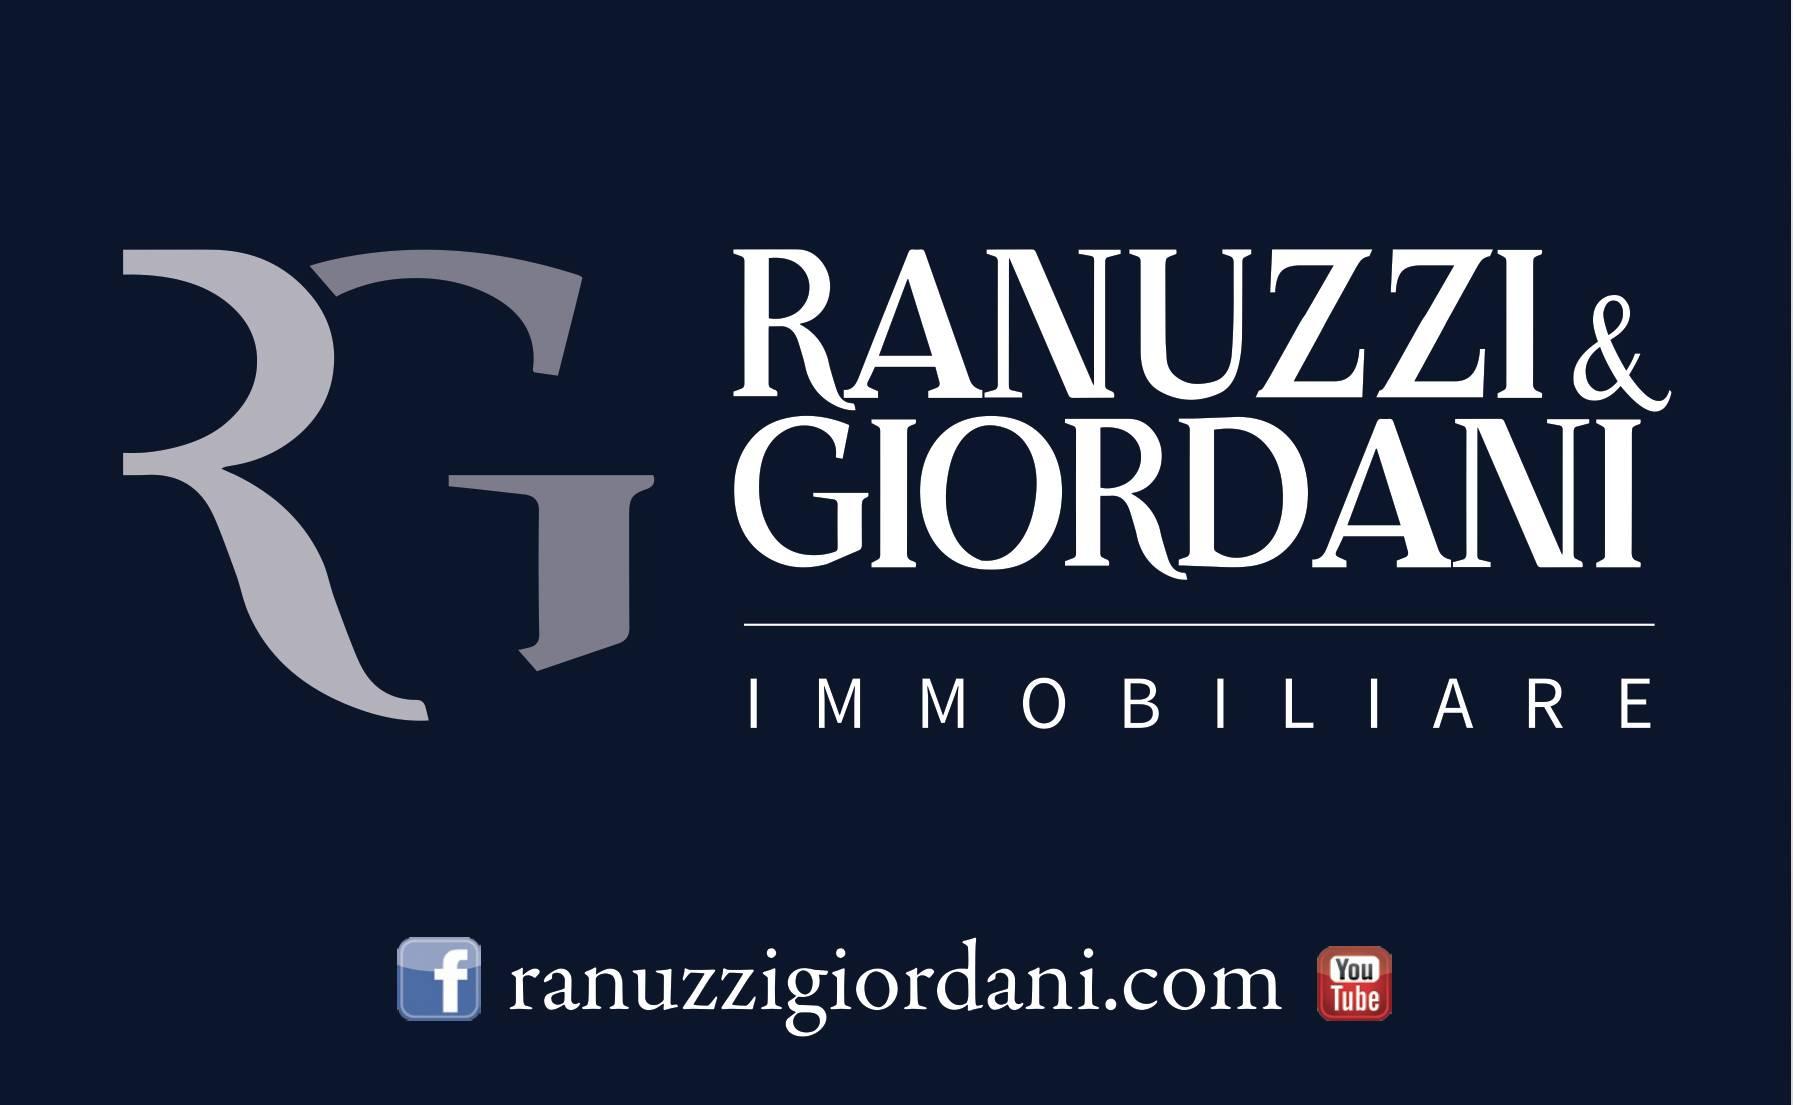 Ranuzzi & Giordani Immobiliare